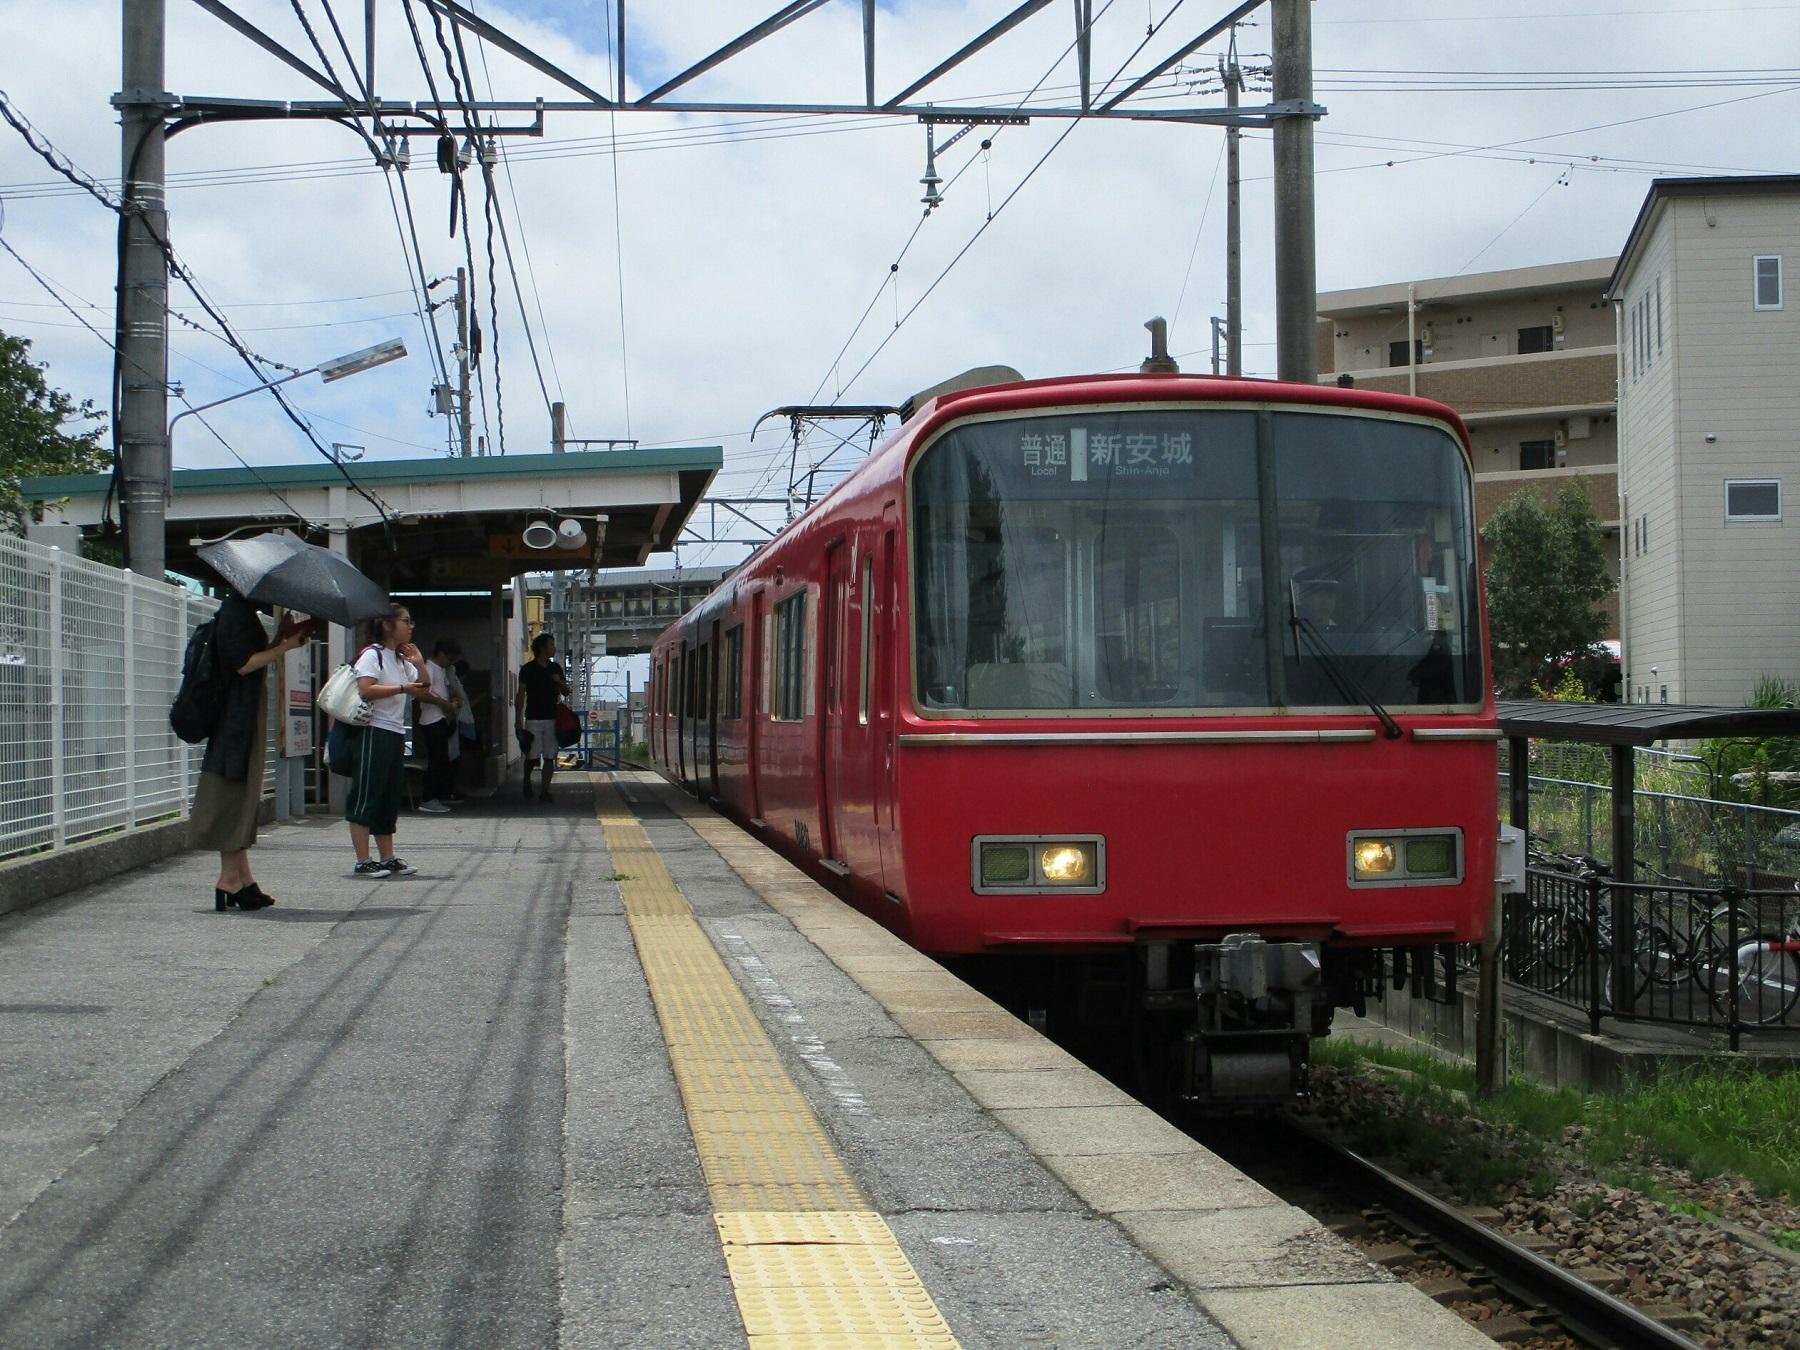 2018.6.29 (1) 古井 - しんあんじょういきふつう 1800-1350